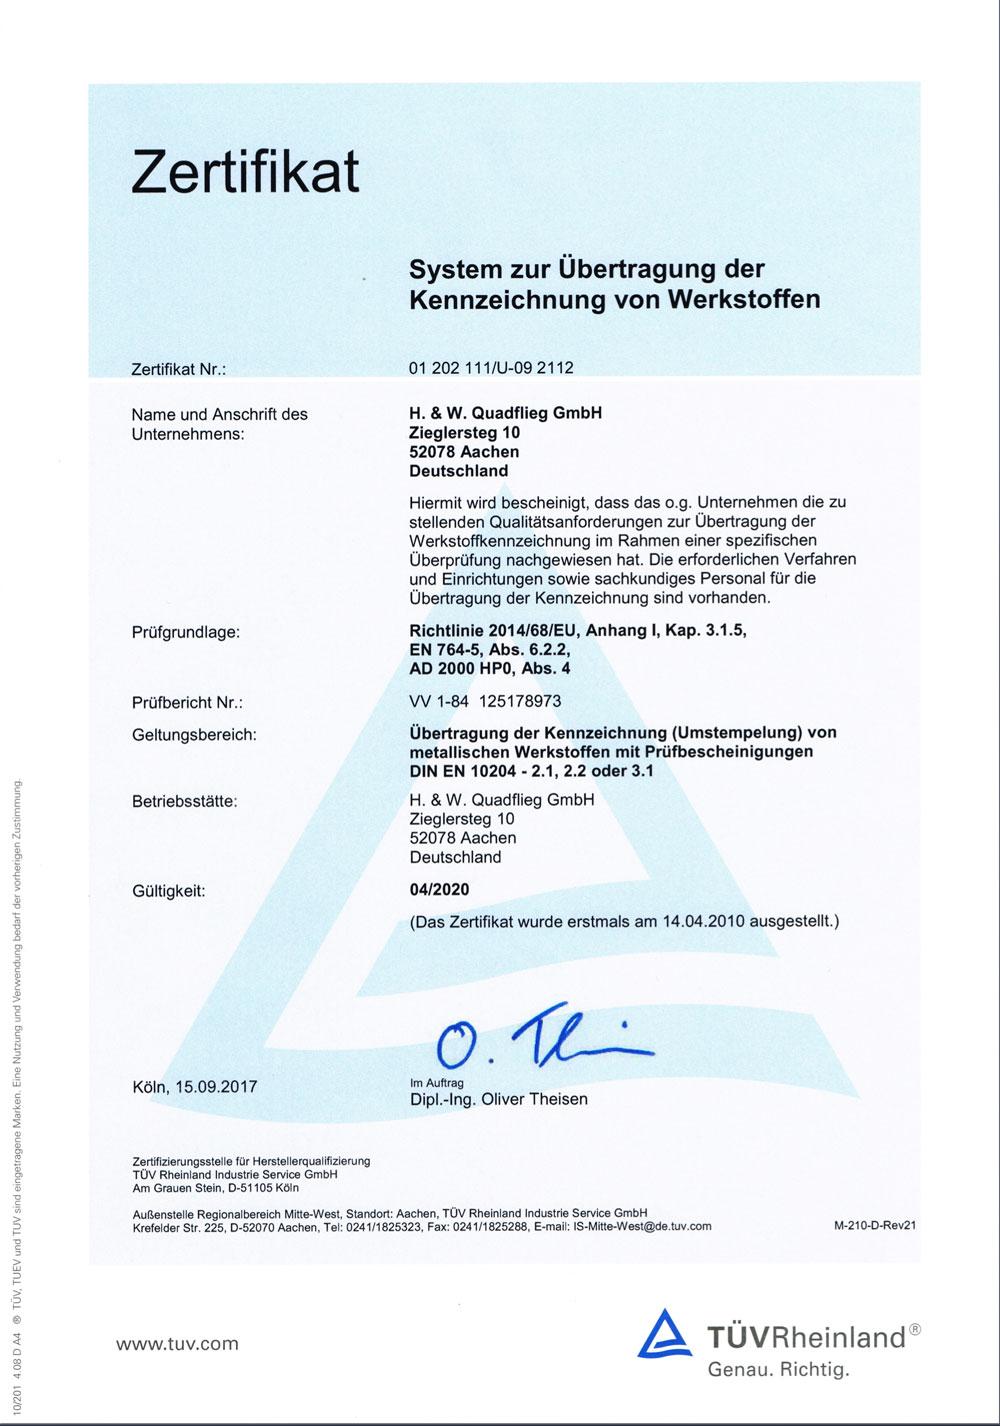 Zertifikat Kennzeichnung Werkstoffe